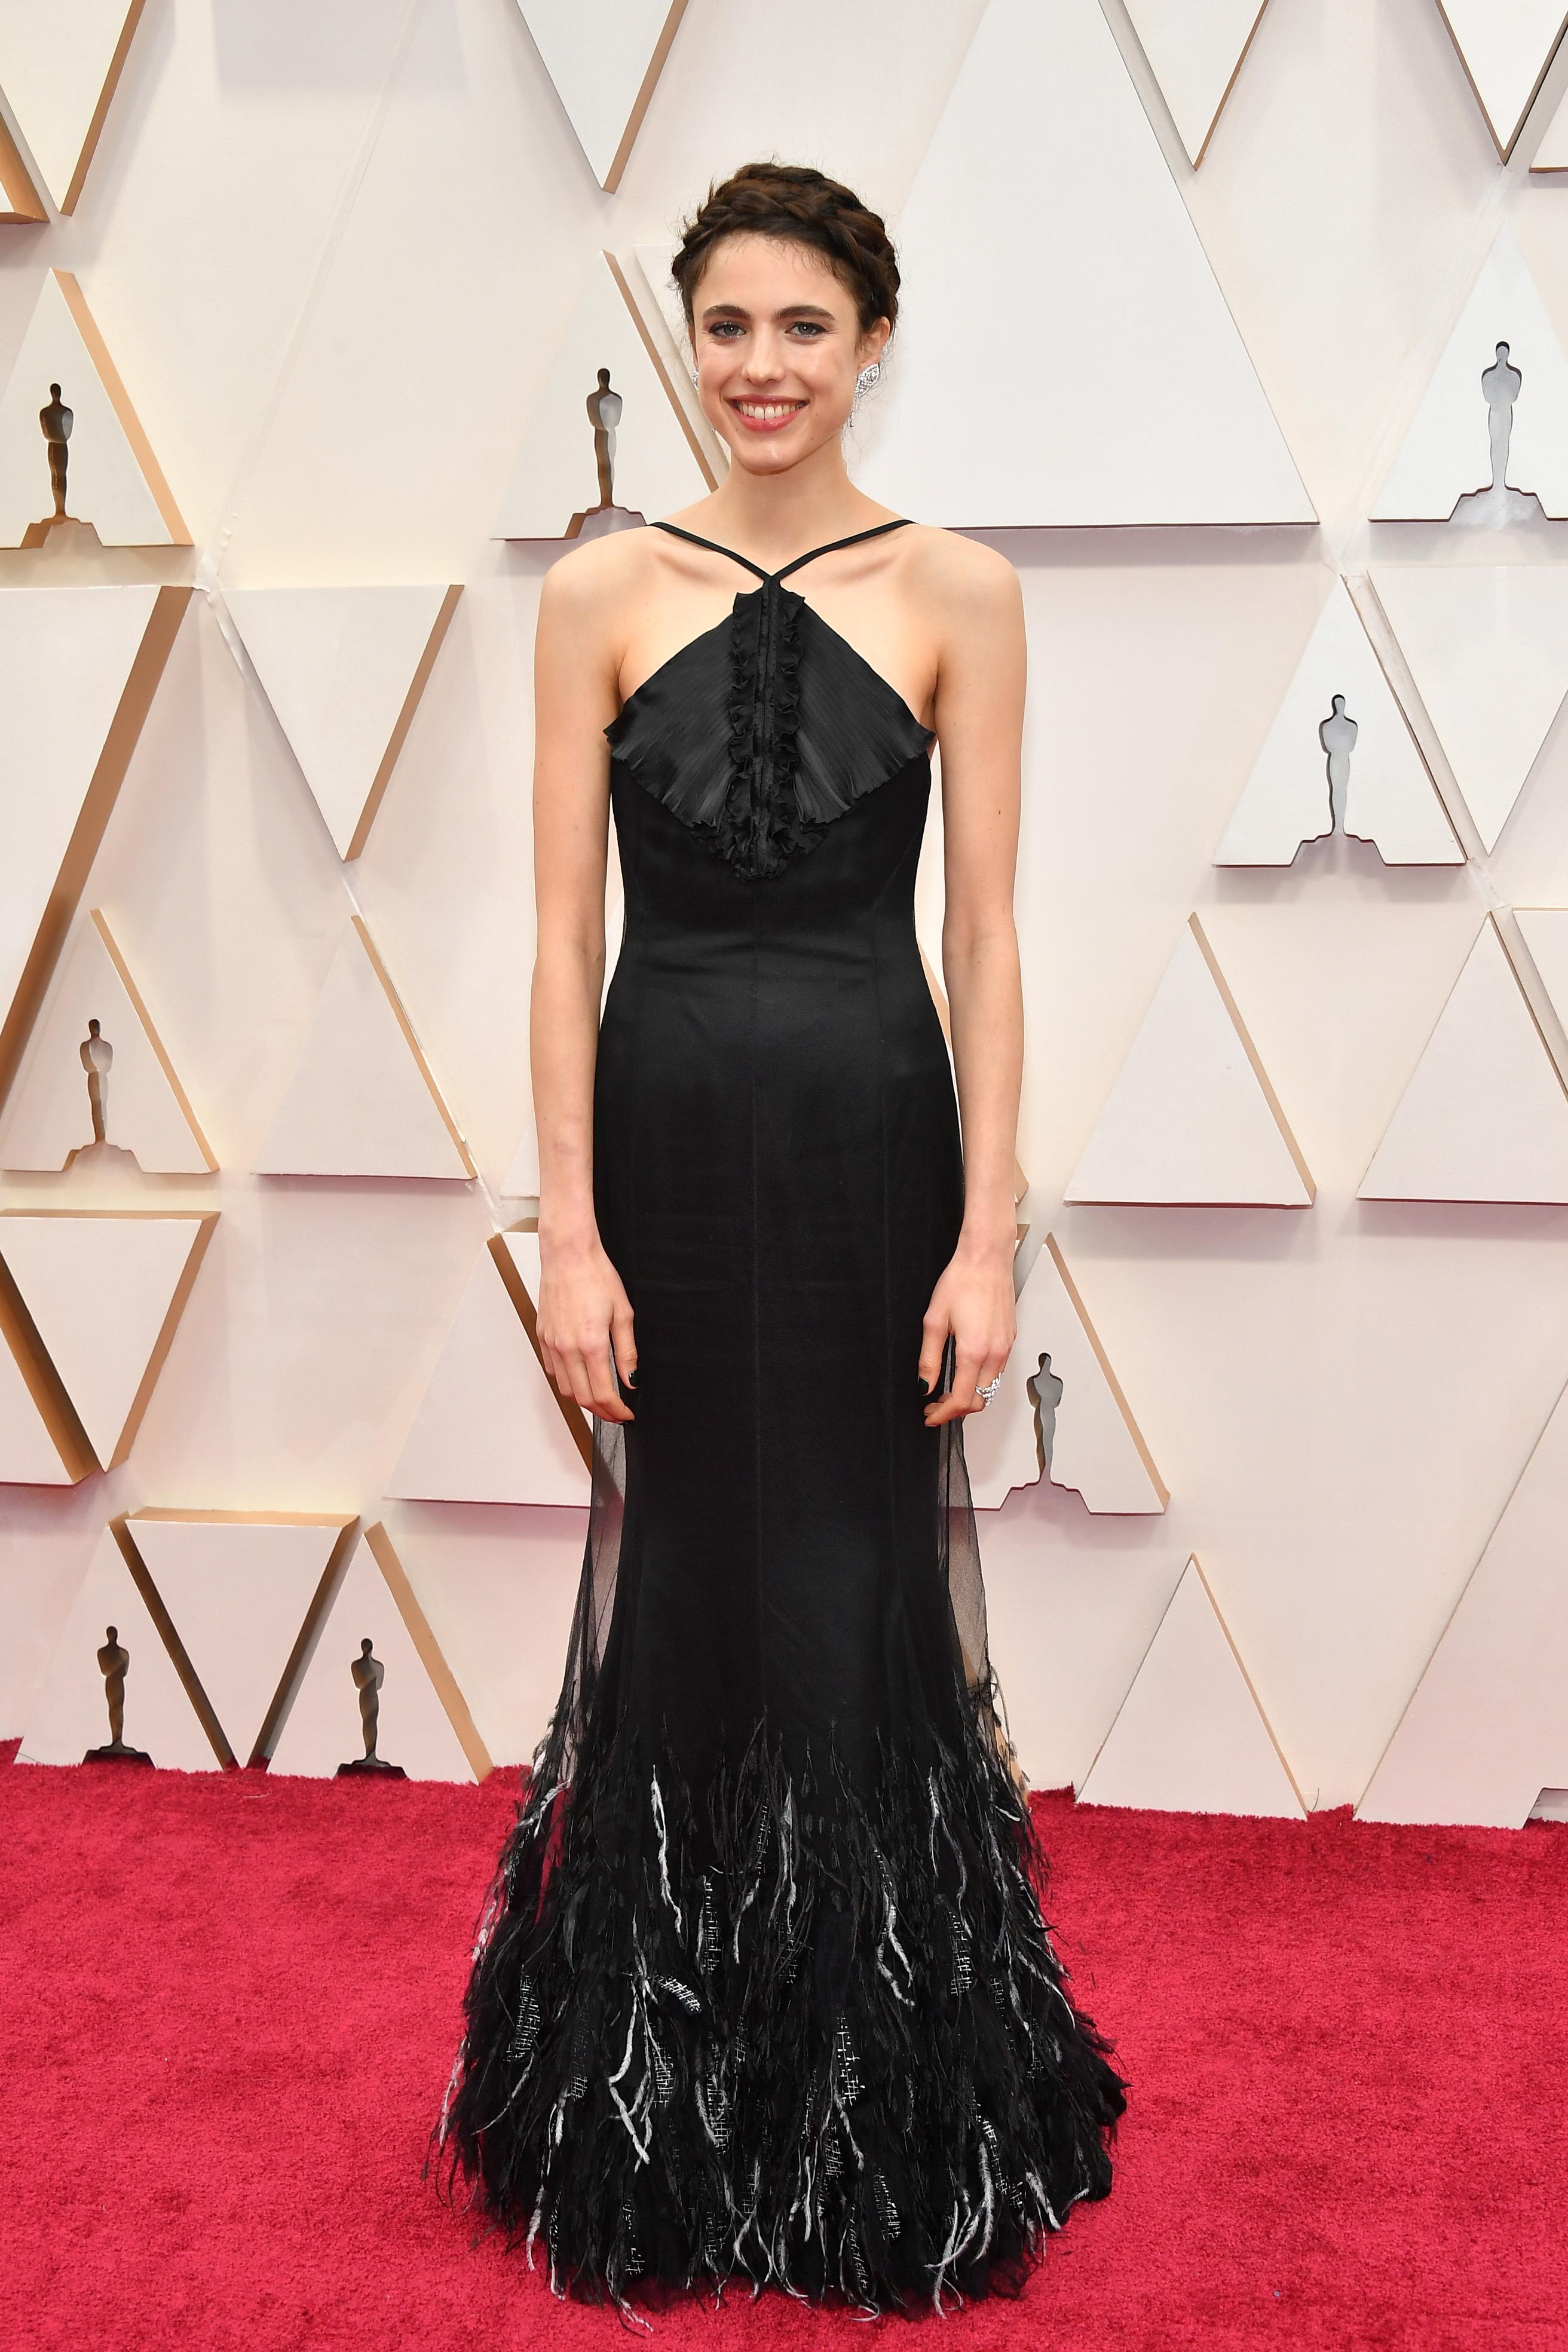 Маргарет Куали в Chanel  Нежна е като перце. Семплата, но елегантна визия отива на възрастта й.